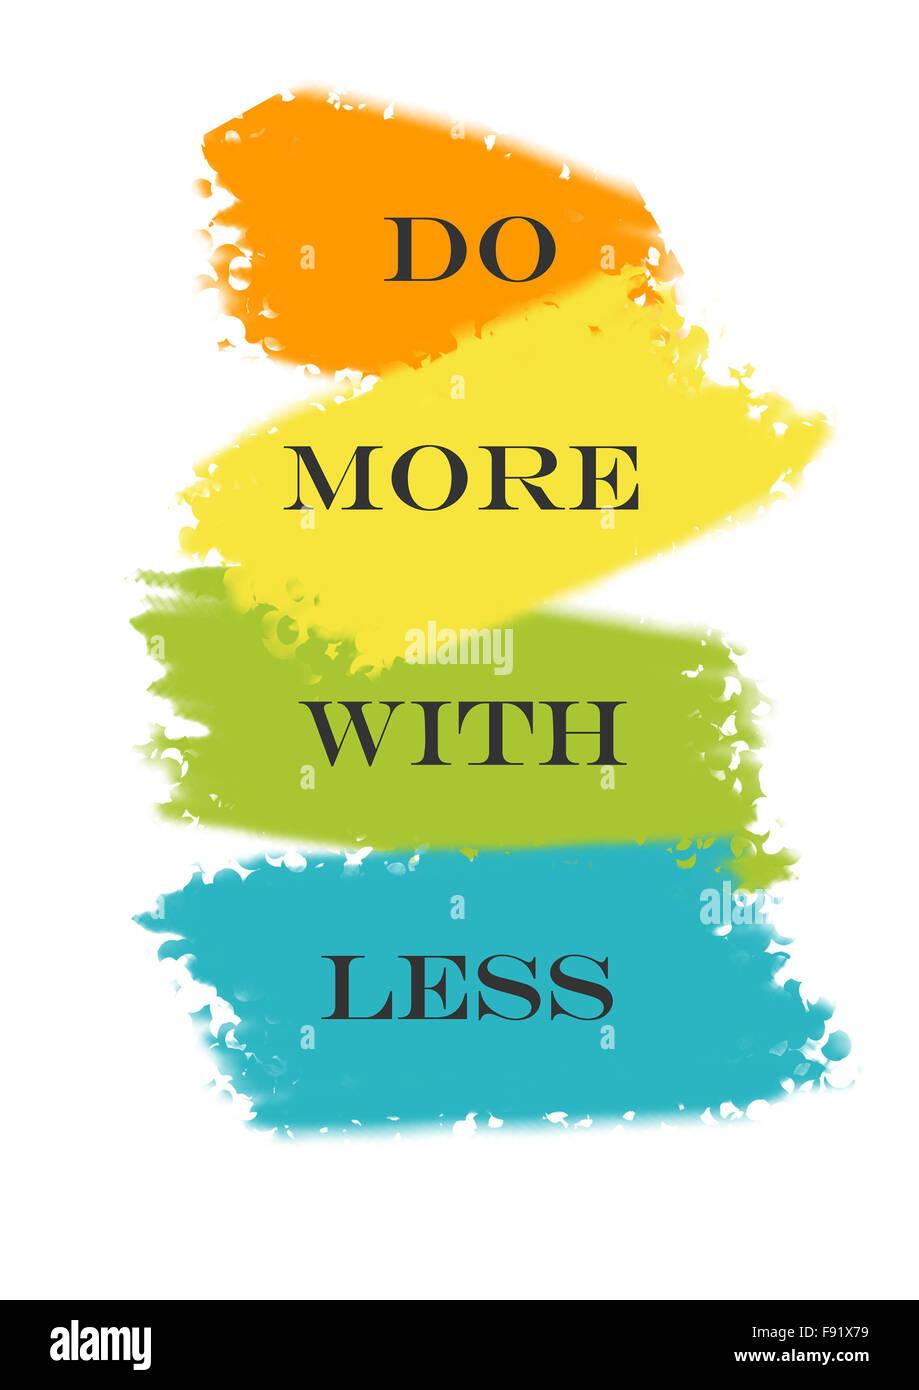 Faire plus avec moins de devis sur un fond blanc Photo Stock